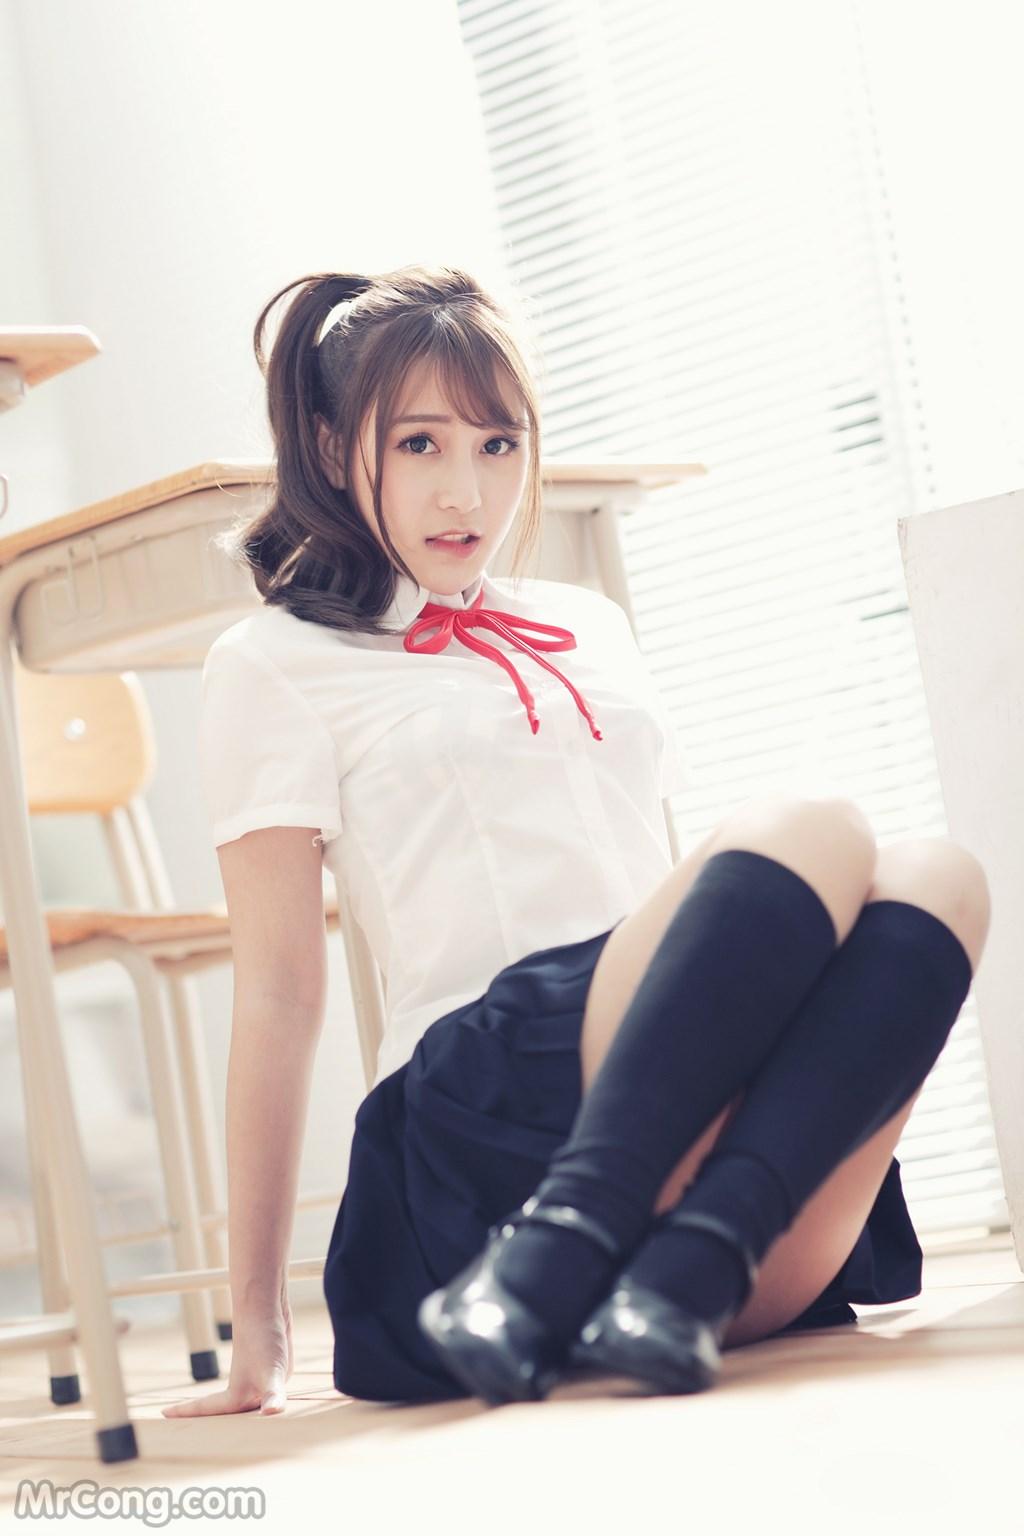 Image Girl-xinh-Dai-Loan-by-Joseph-Huang-Phan-3-MrCong.com-0018 in post Các cô gái Đài Loan qua góc chụp của Joseph Huang (黃阿文) - Phần 3 (1470 ảnh)